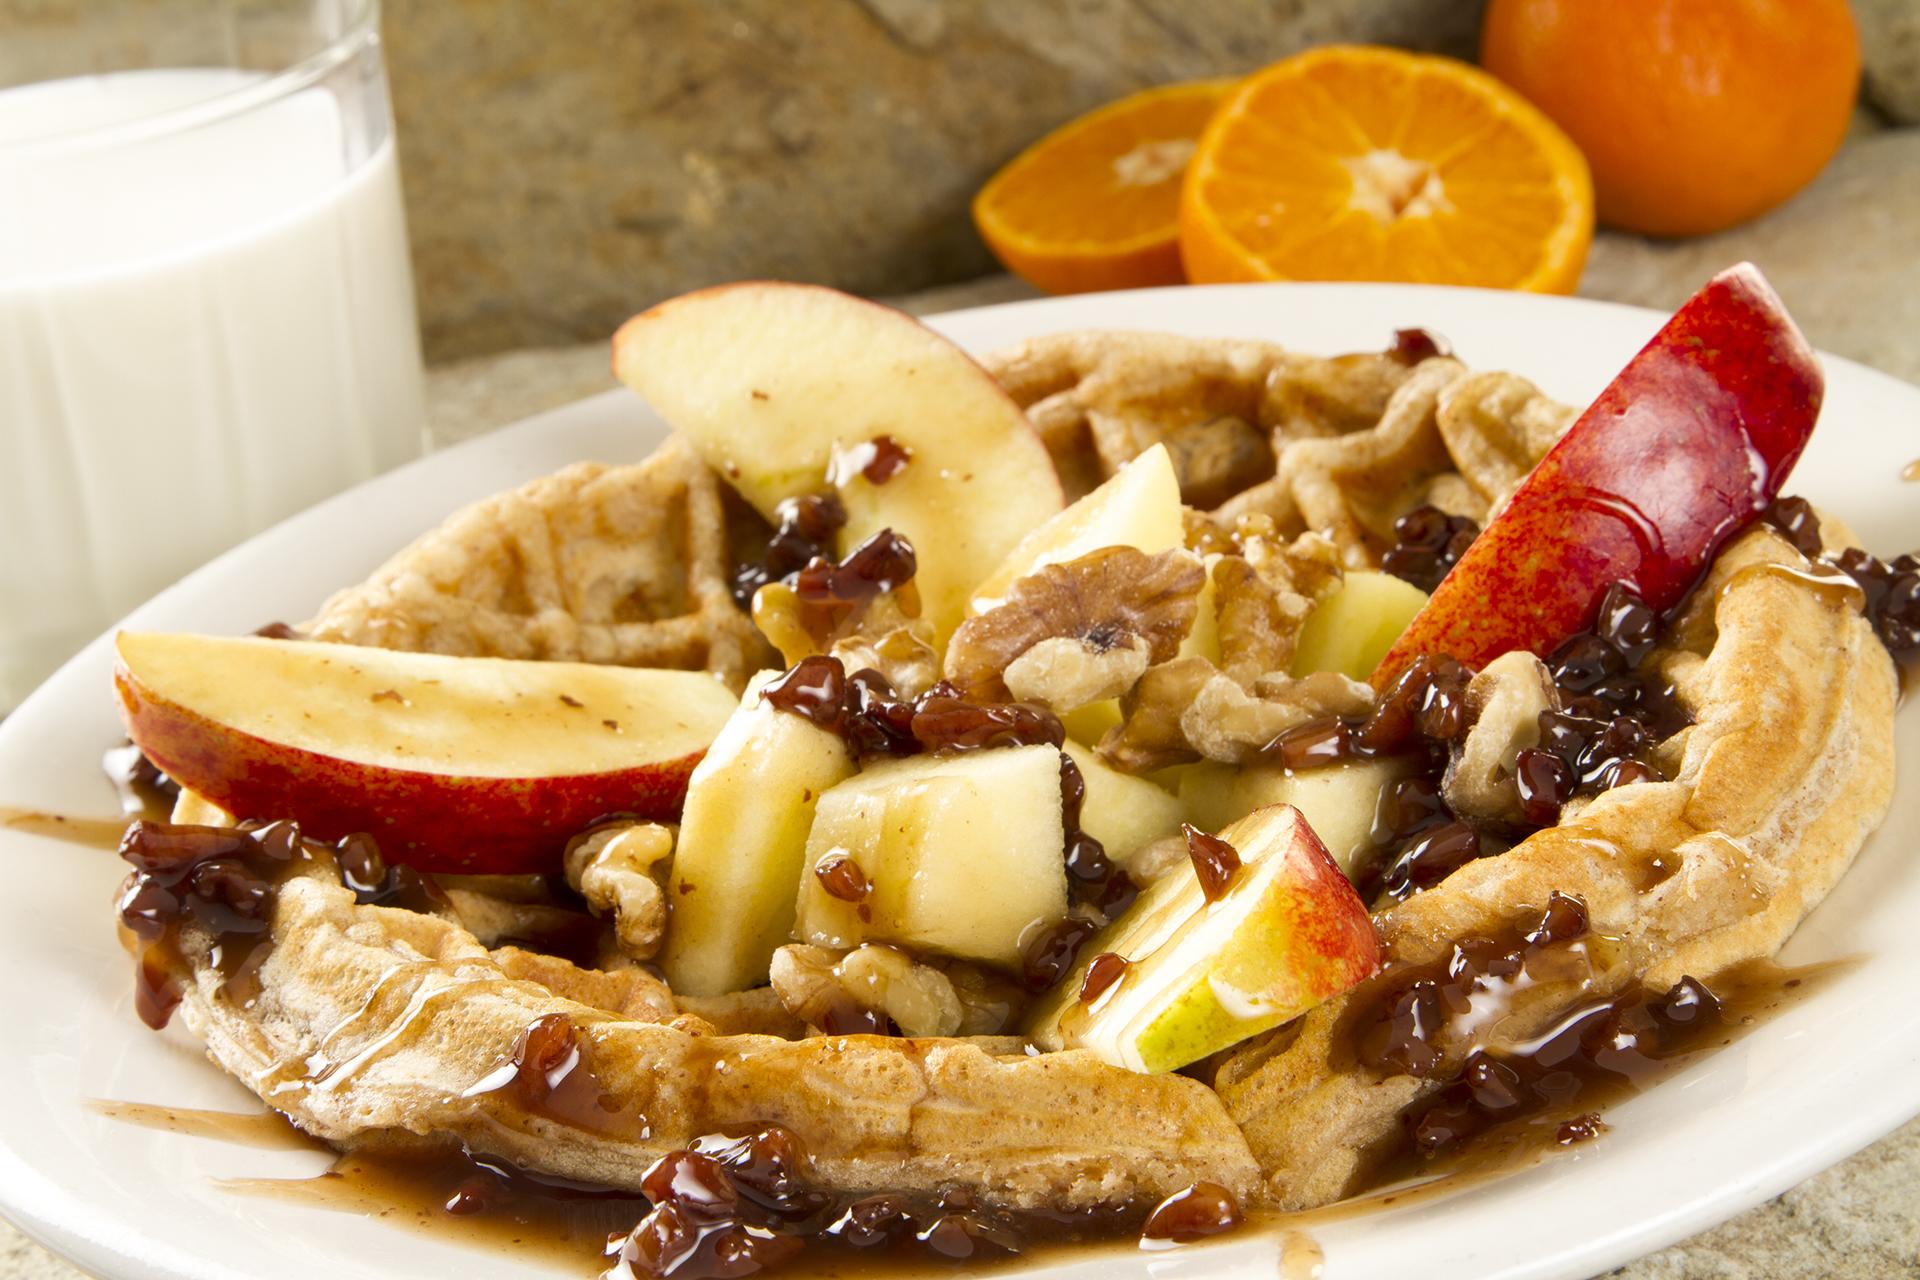 Apple and Oatmeal Waffle